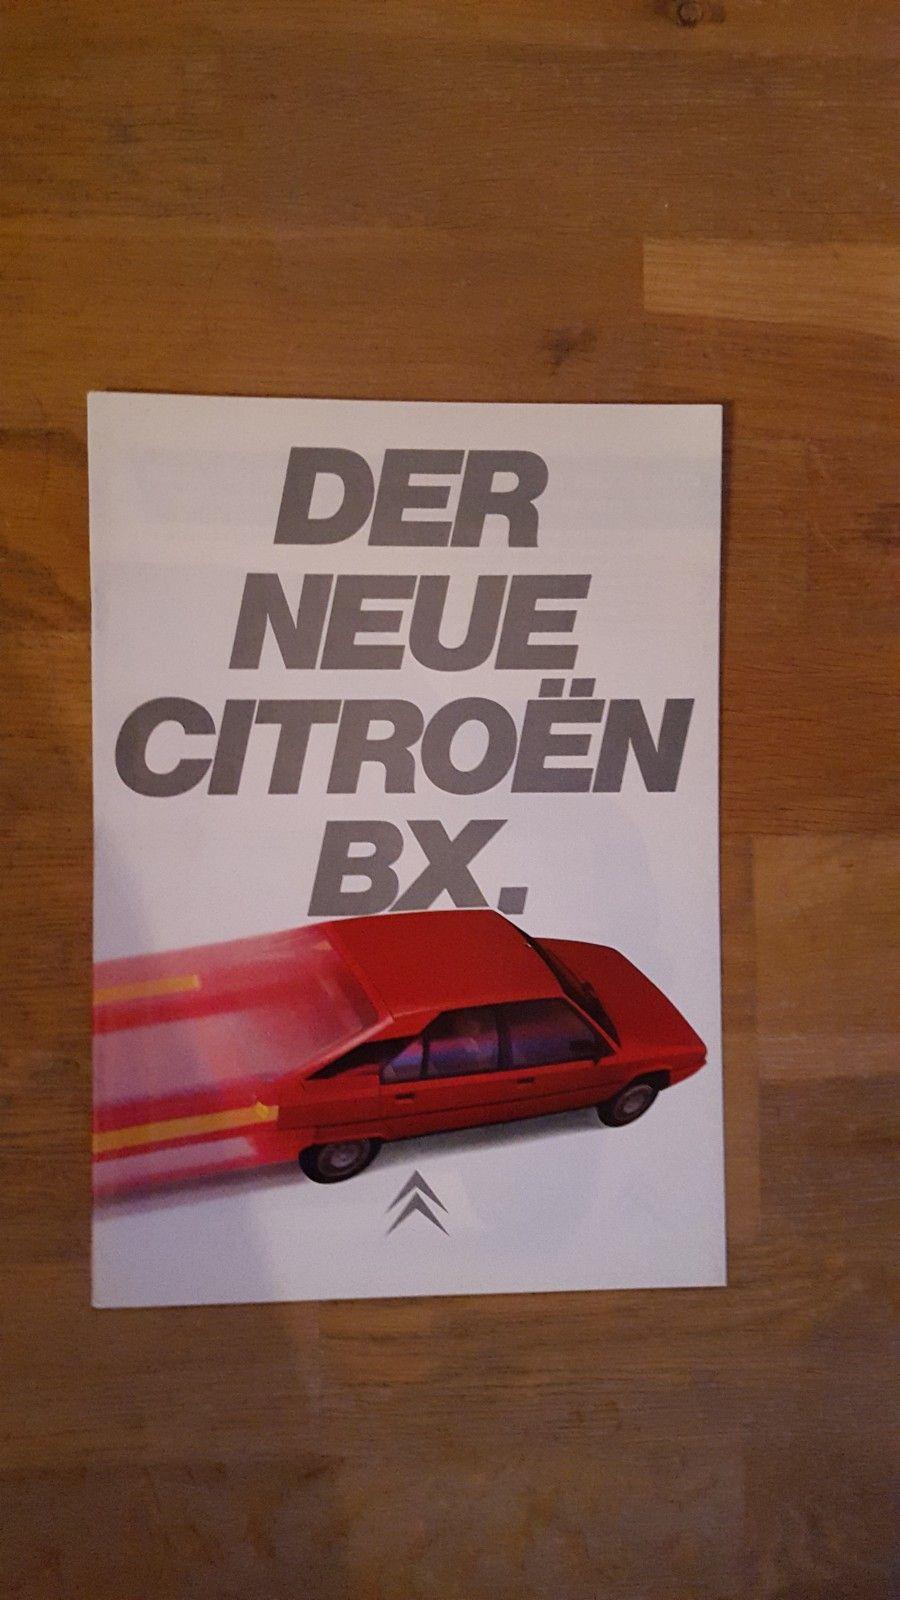 Brosjyre Citroen BX 1983 - Sandefjord  - Bilbrosjyre Citroen BX 1983, 16 sider, tysk, god stand, kr. 100,- + porto - Sandefjord